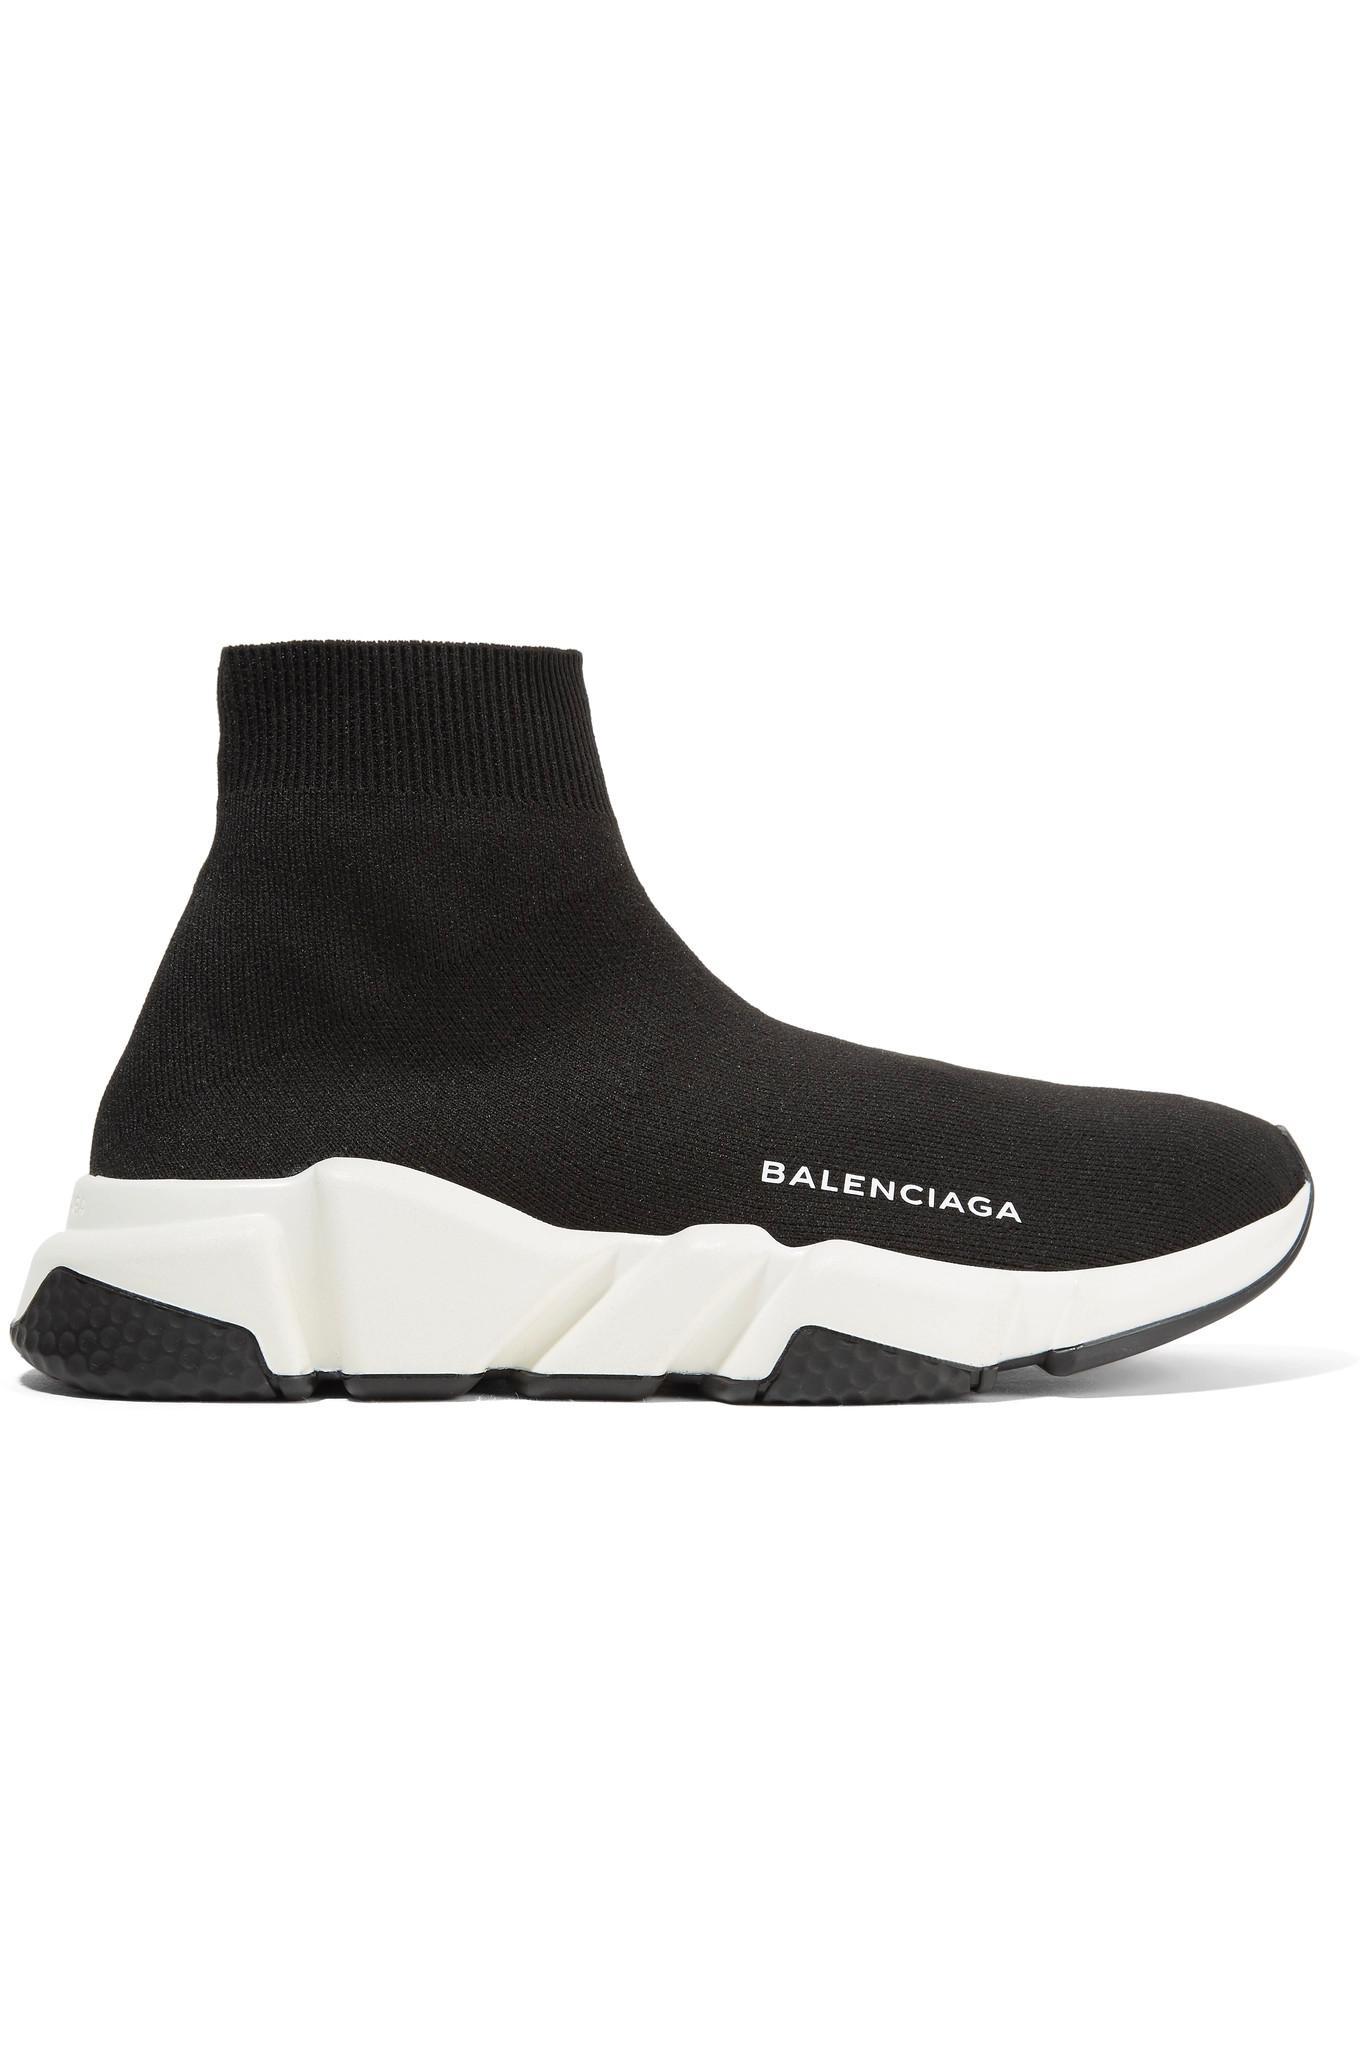 Balenciaga Sneaker Slip-On Speed Trainer Baumwollmischung Logo Print schwarz wei? Fzp9amT